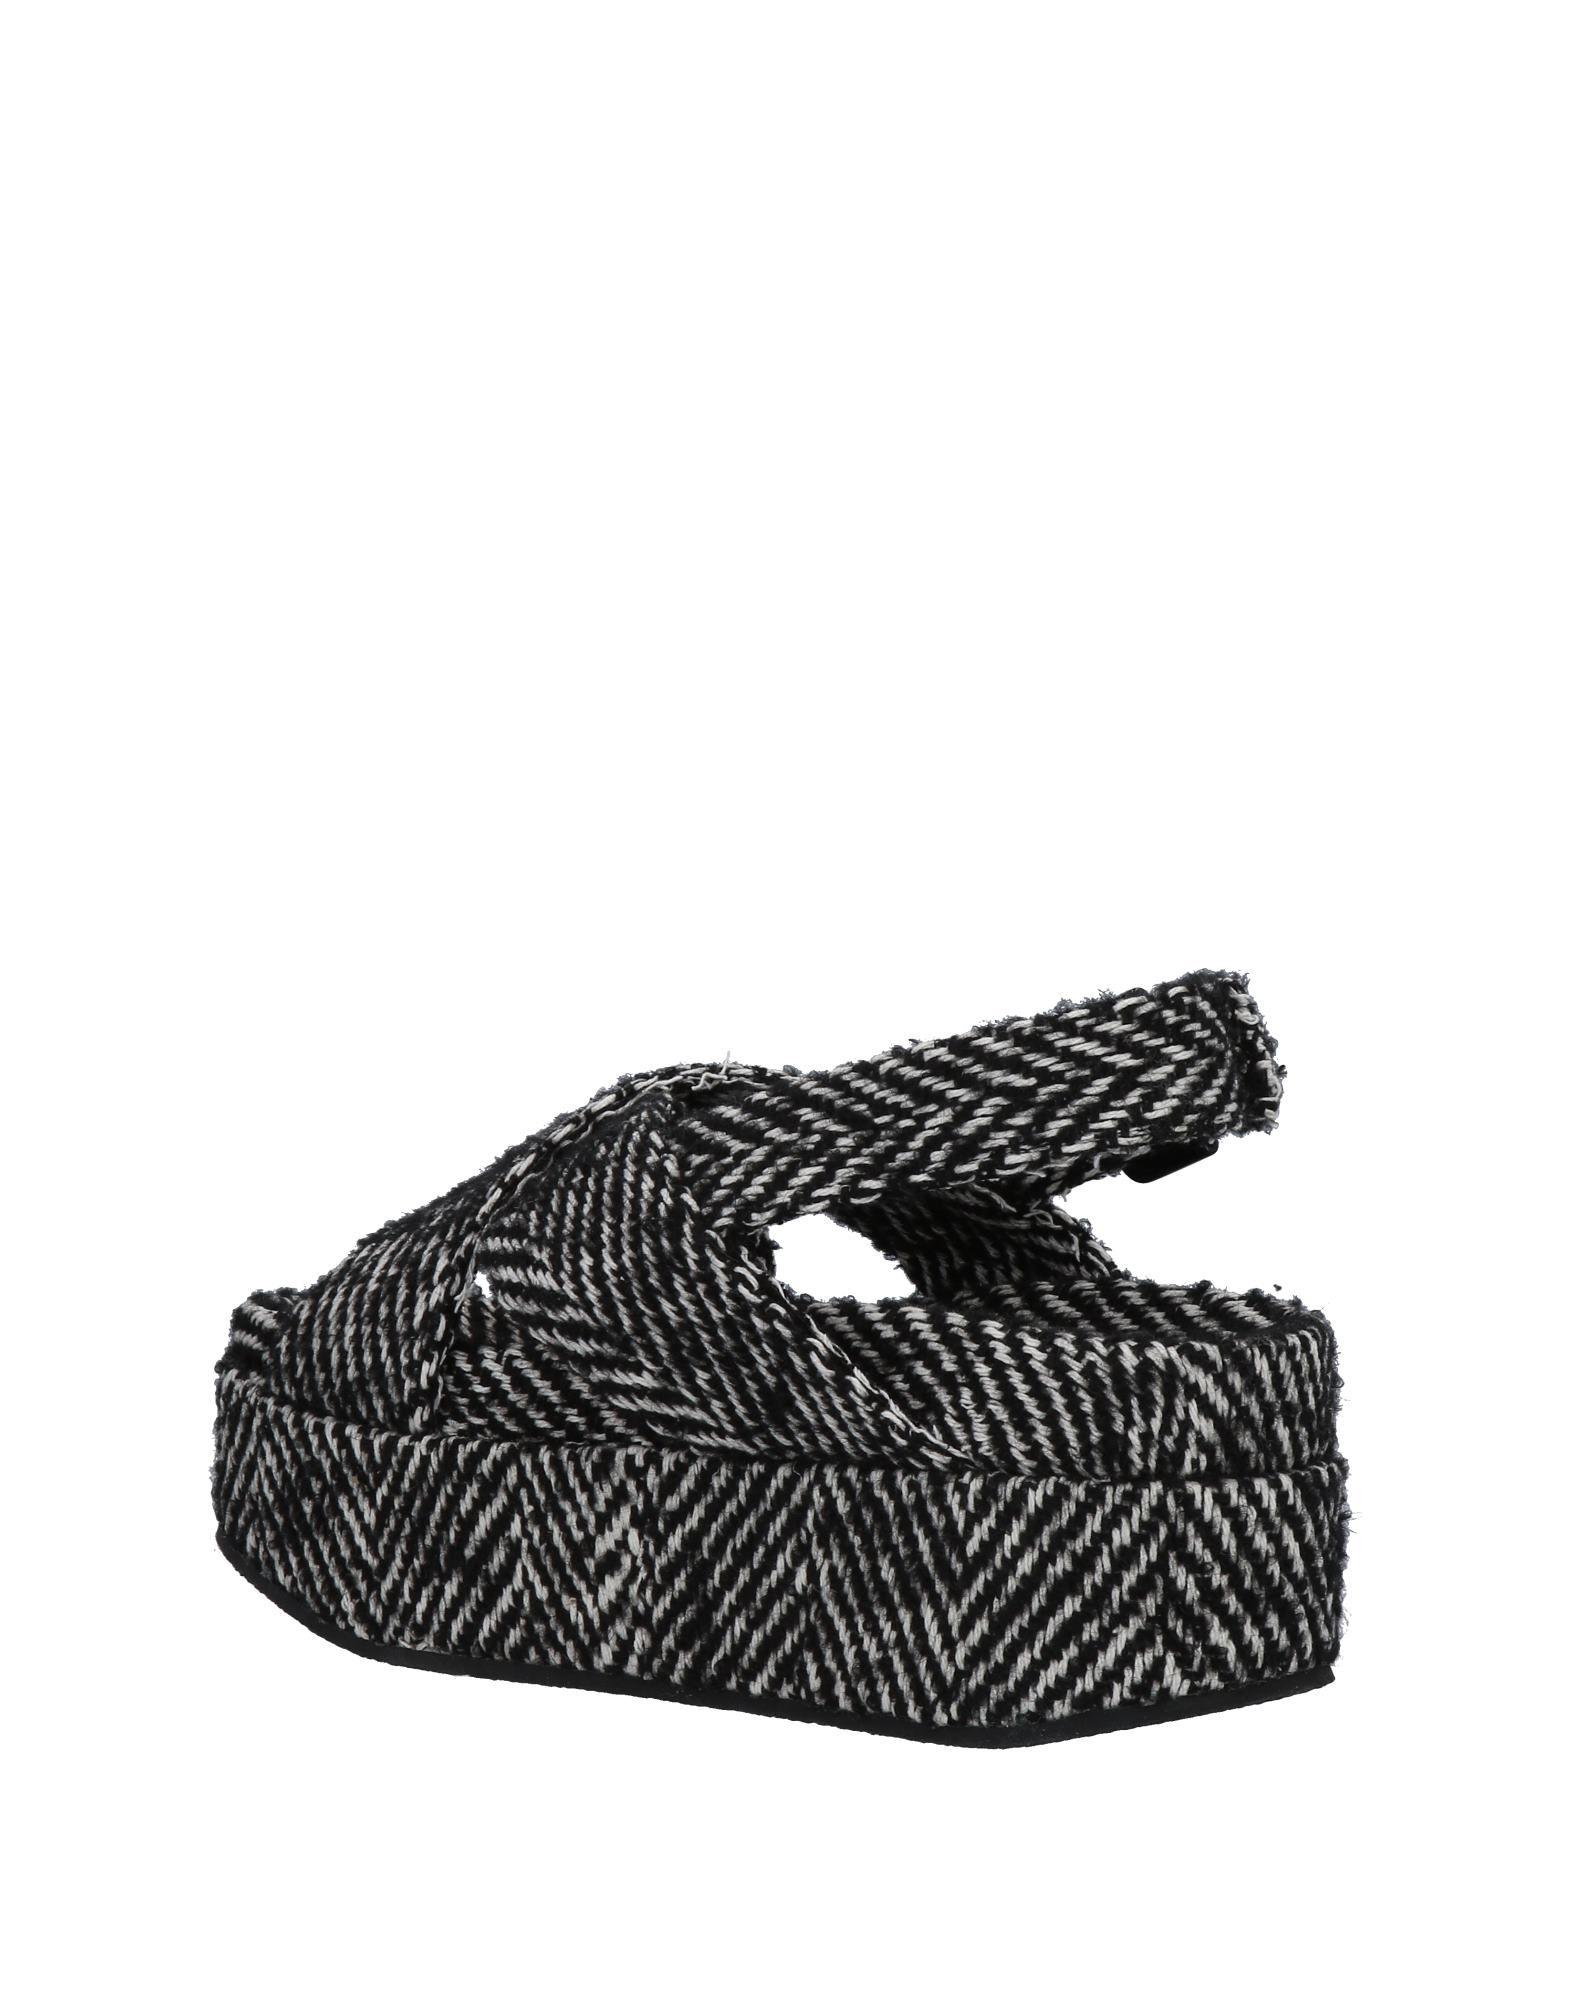 Stilvolle billige Schuhe Jucca Sandalen Damen Damen Damen  11482018OA 0d2708